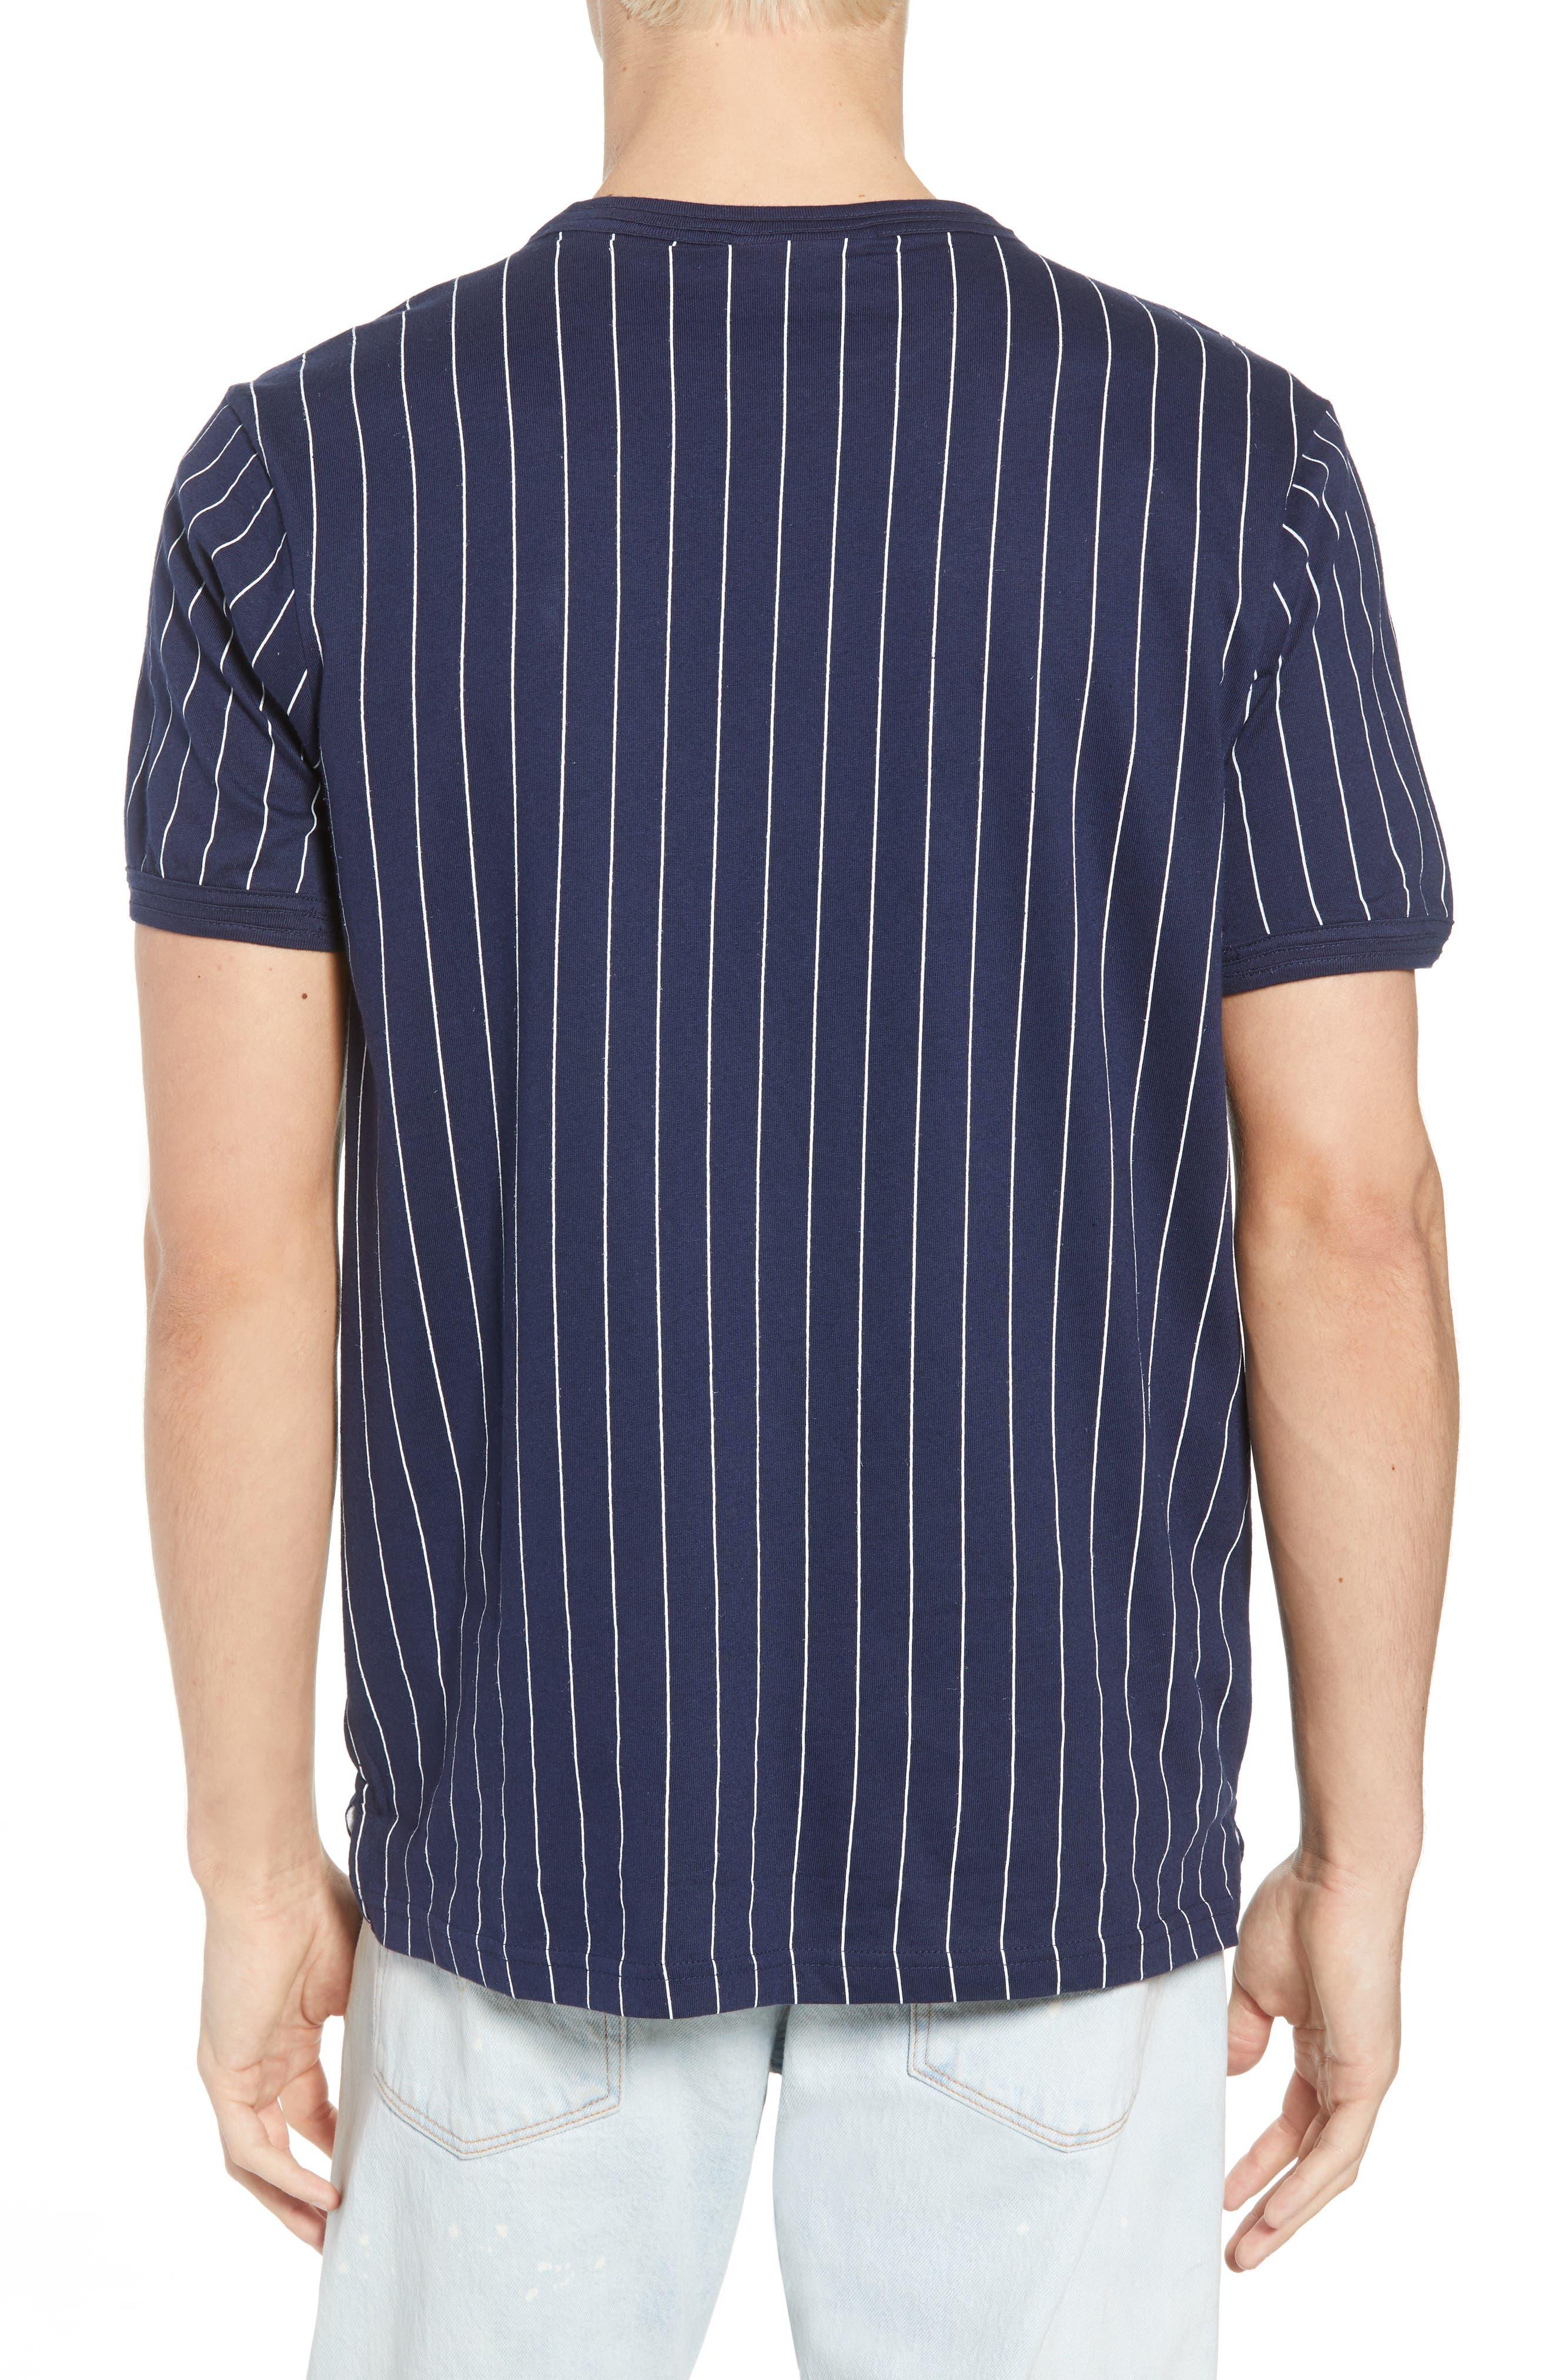 Guilo T-Shirt,                             Alternate thumbnail 2, color,                             PEACOAT/ WHITE